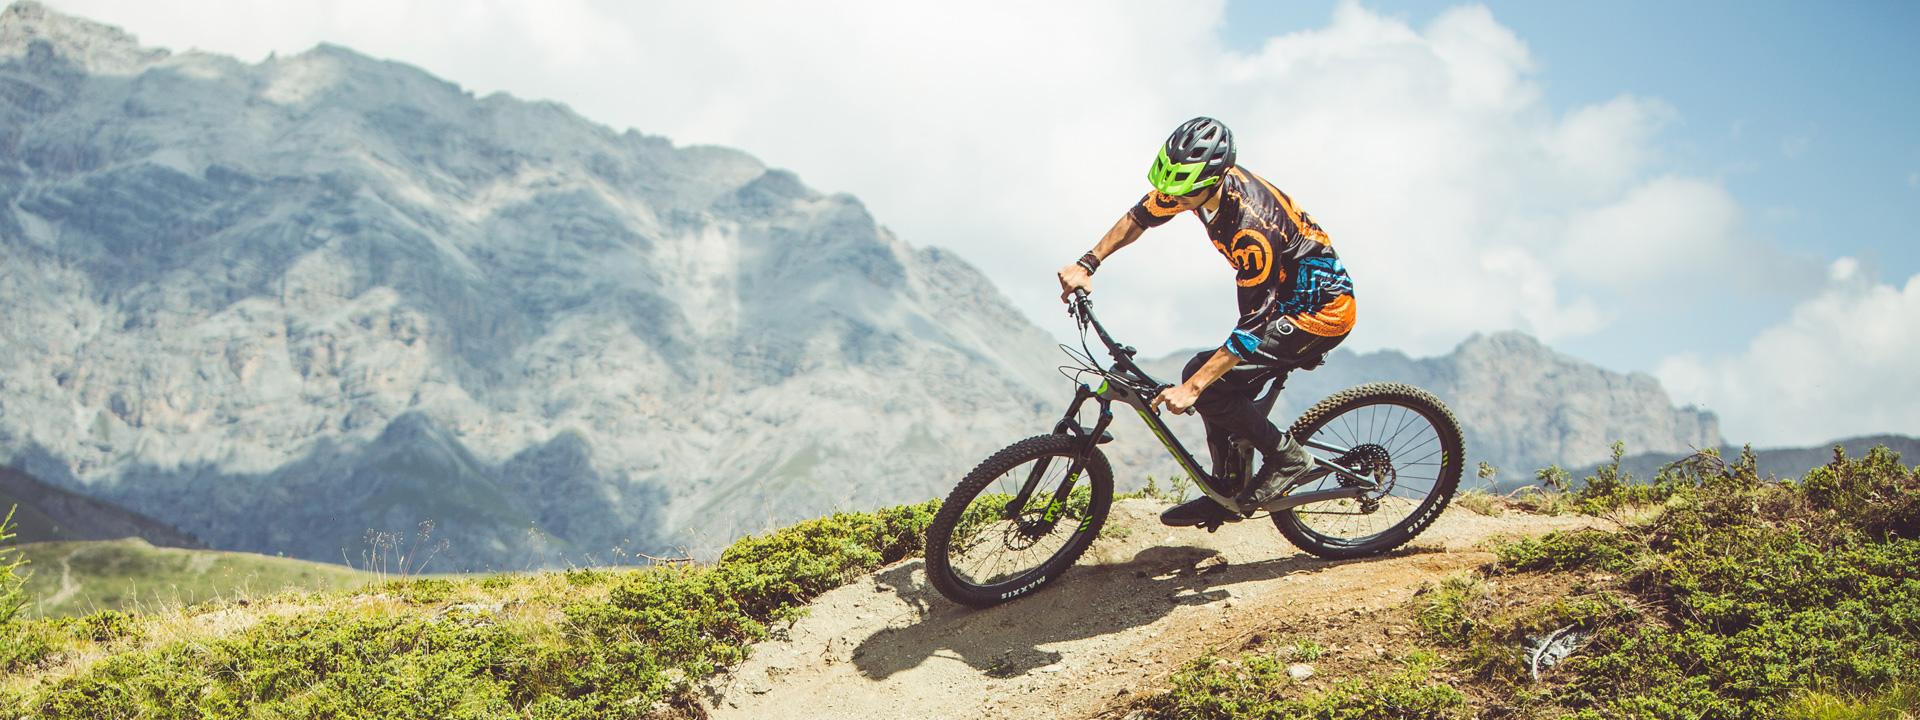 Biker su sentiero Enduro Natural Trail del Mottolino Bikepark di Livigno